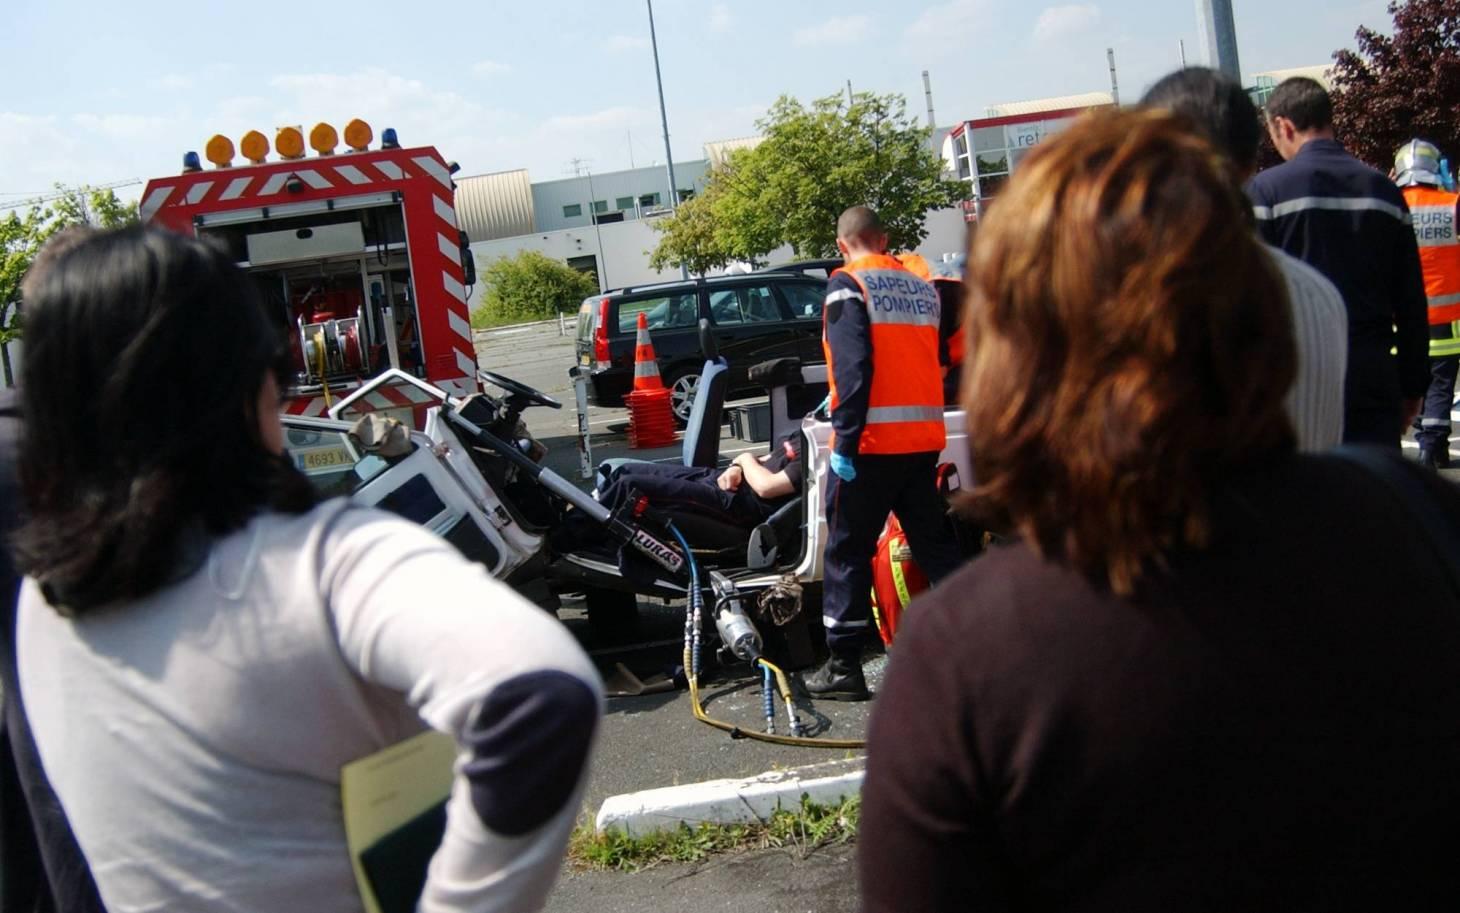 Poitiers - Les pompiers s'exercent ce vendredi au parc des expos